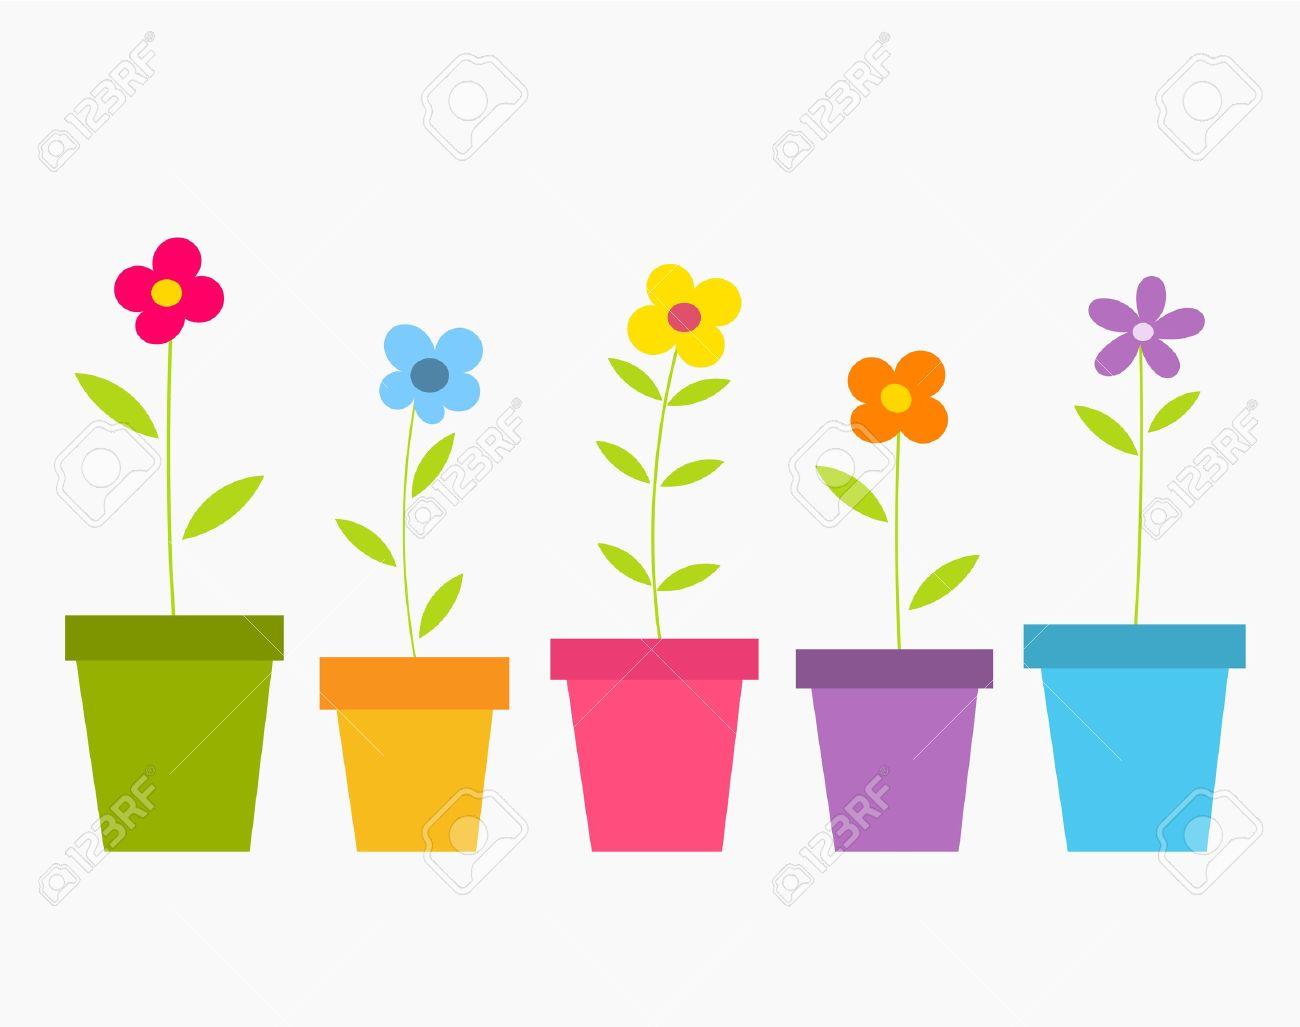 かわいい春の花のポットベクトル イラストのイラスト素材ベクタ